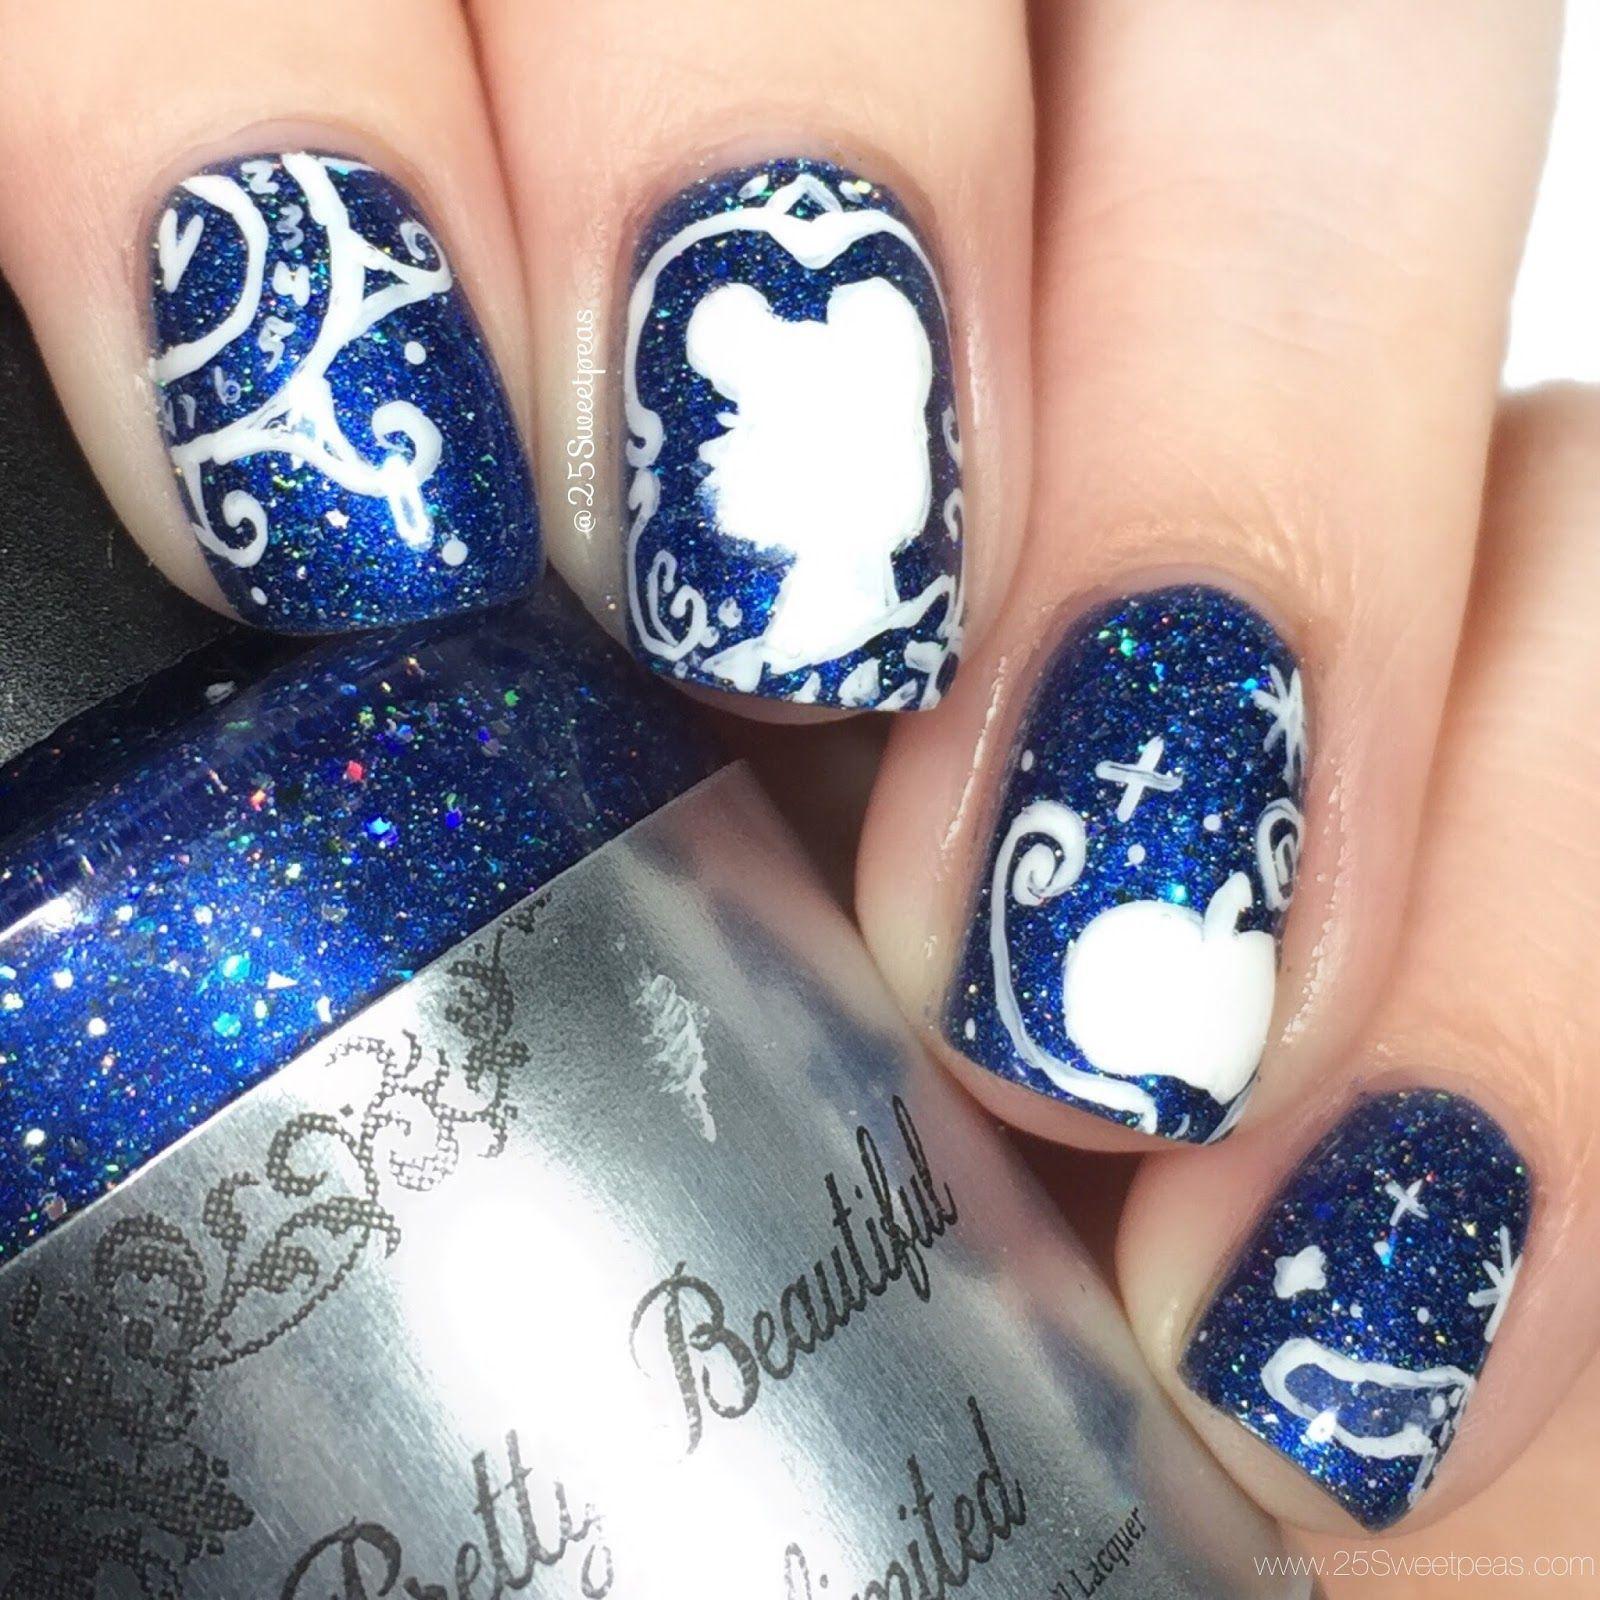 Costume Nail Art Pinterest Cinderella Nails Disney Nails And